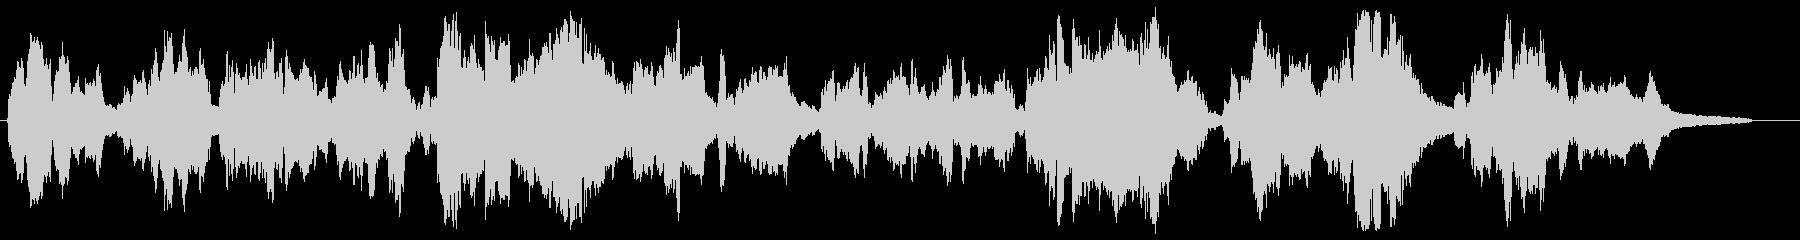 切ない感動シーン向け・バイオリンとピアノの未再生の波形